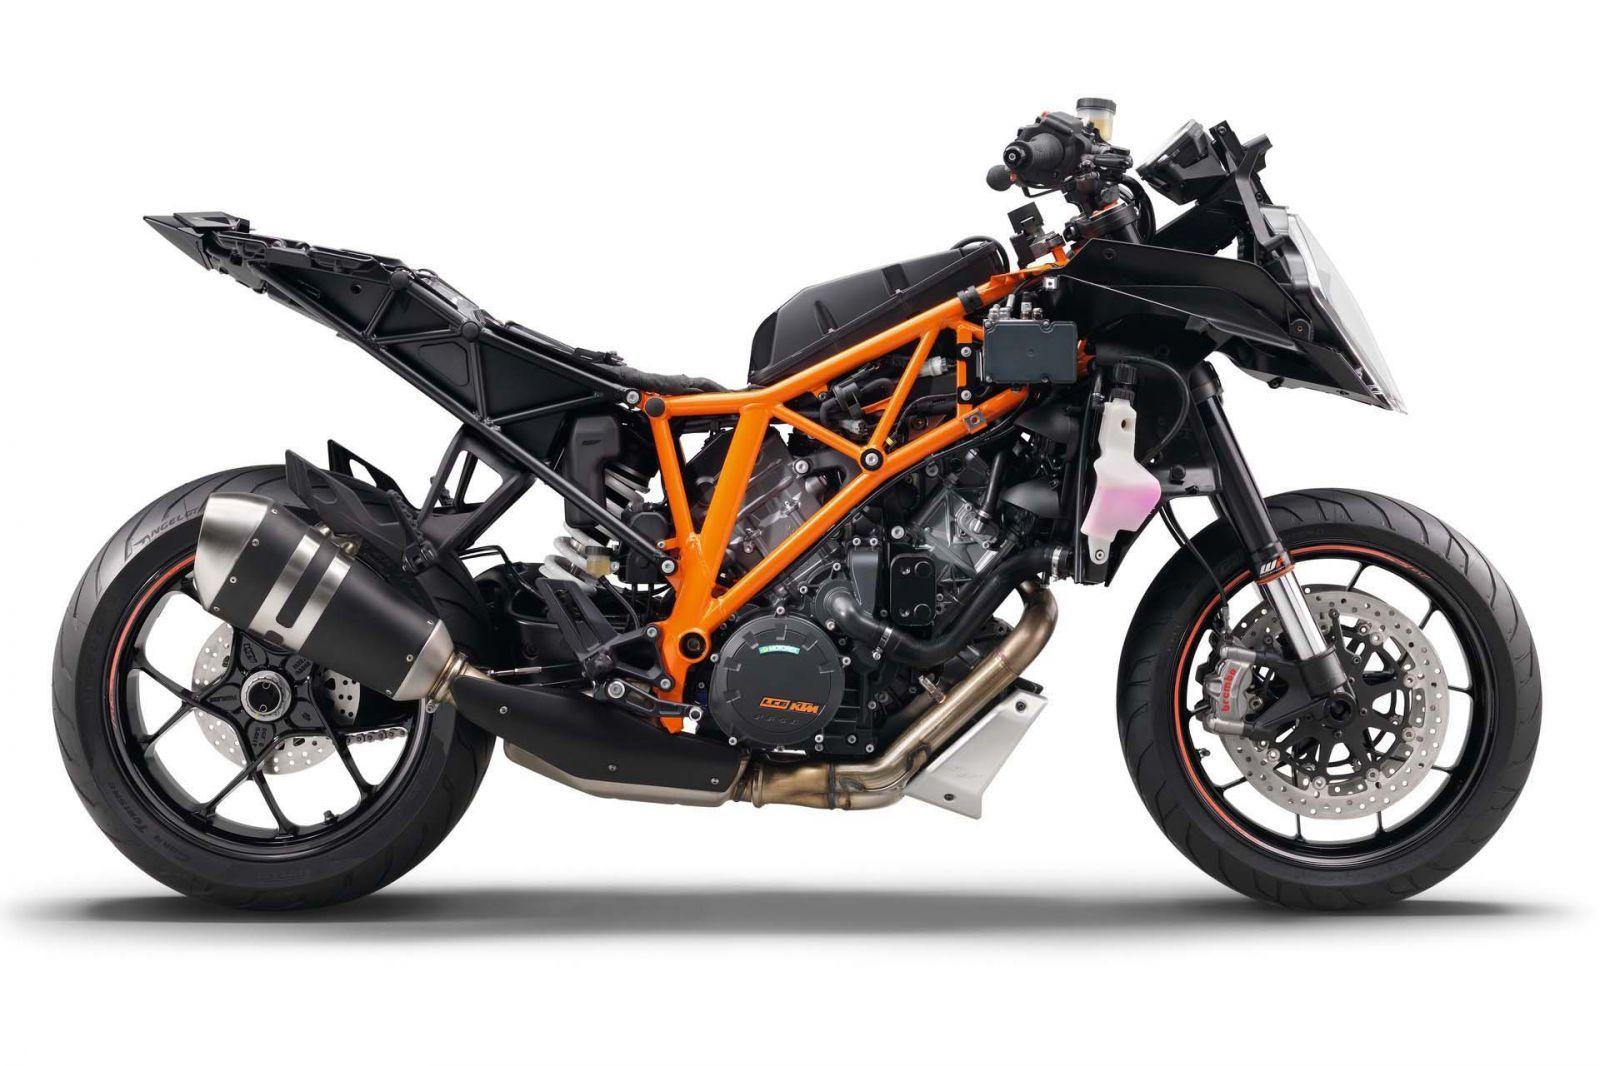 trail ktm 1290 super duke gt moto scooter motos d 39 occasion. Black Bedroom Furniture Sets. Home Design Ideas